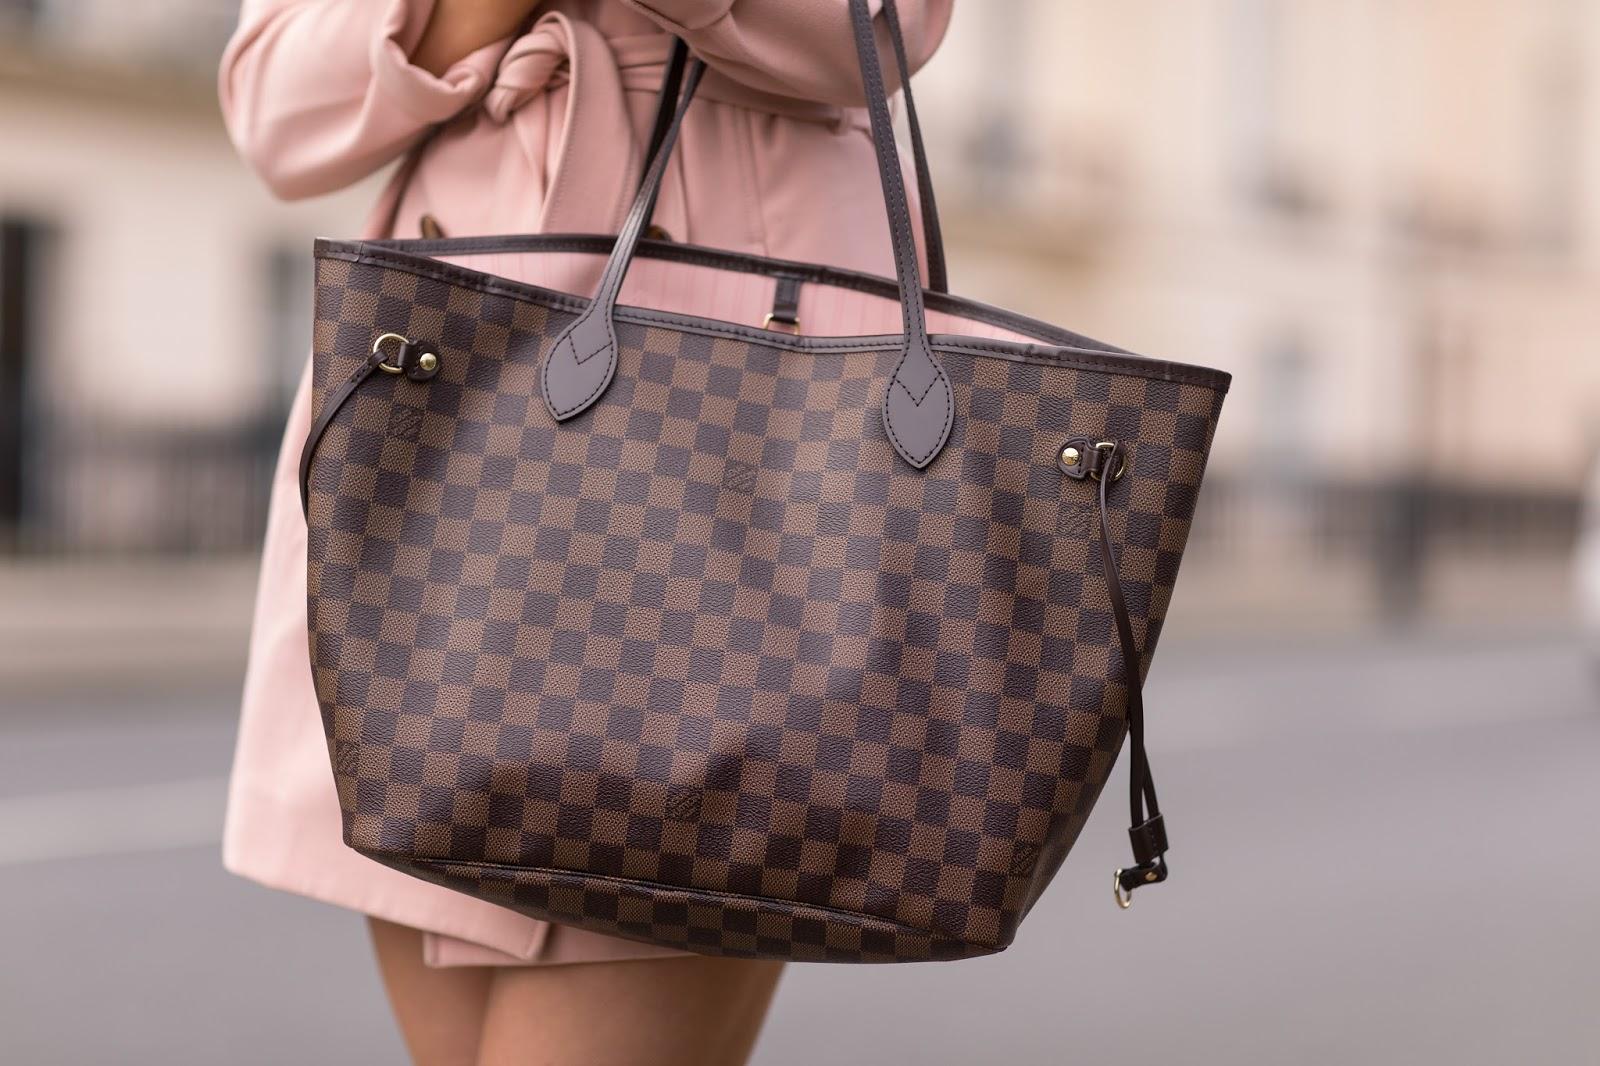 e9cc218d747 Louis Vuitton Authentication Guide By Date Codes - Brands Blogger